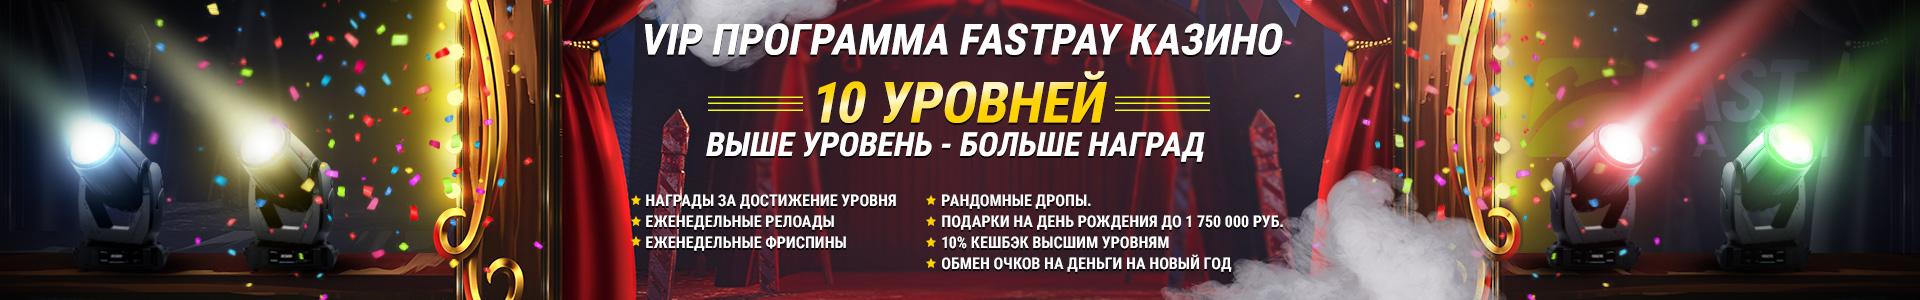 Новая ВИП система казино FastPay